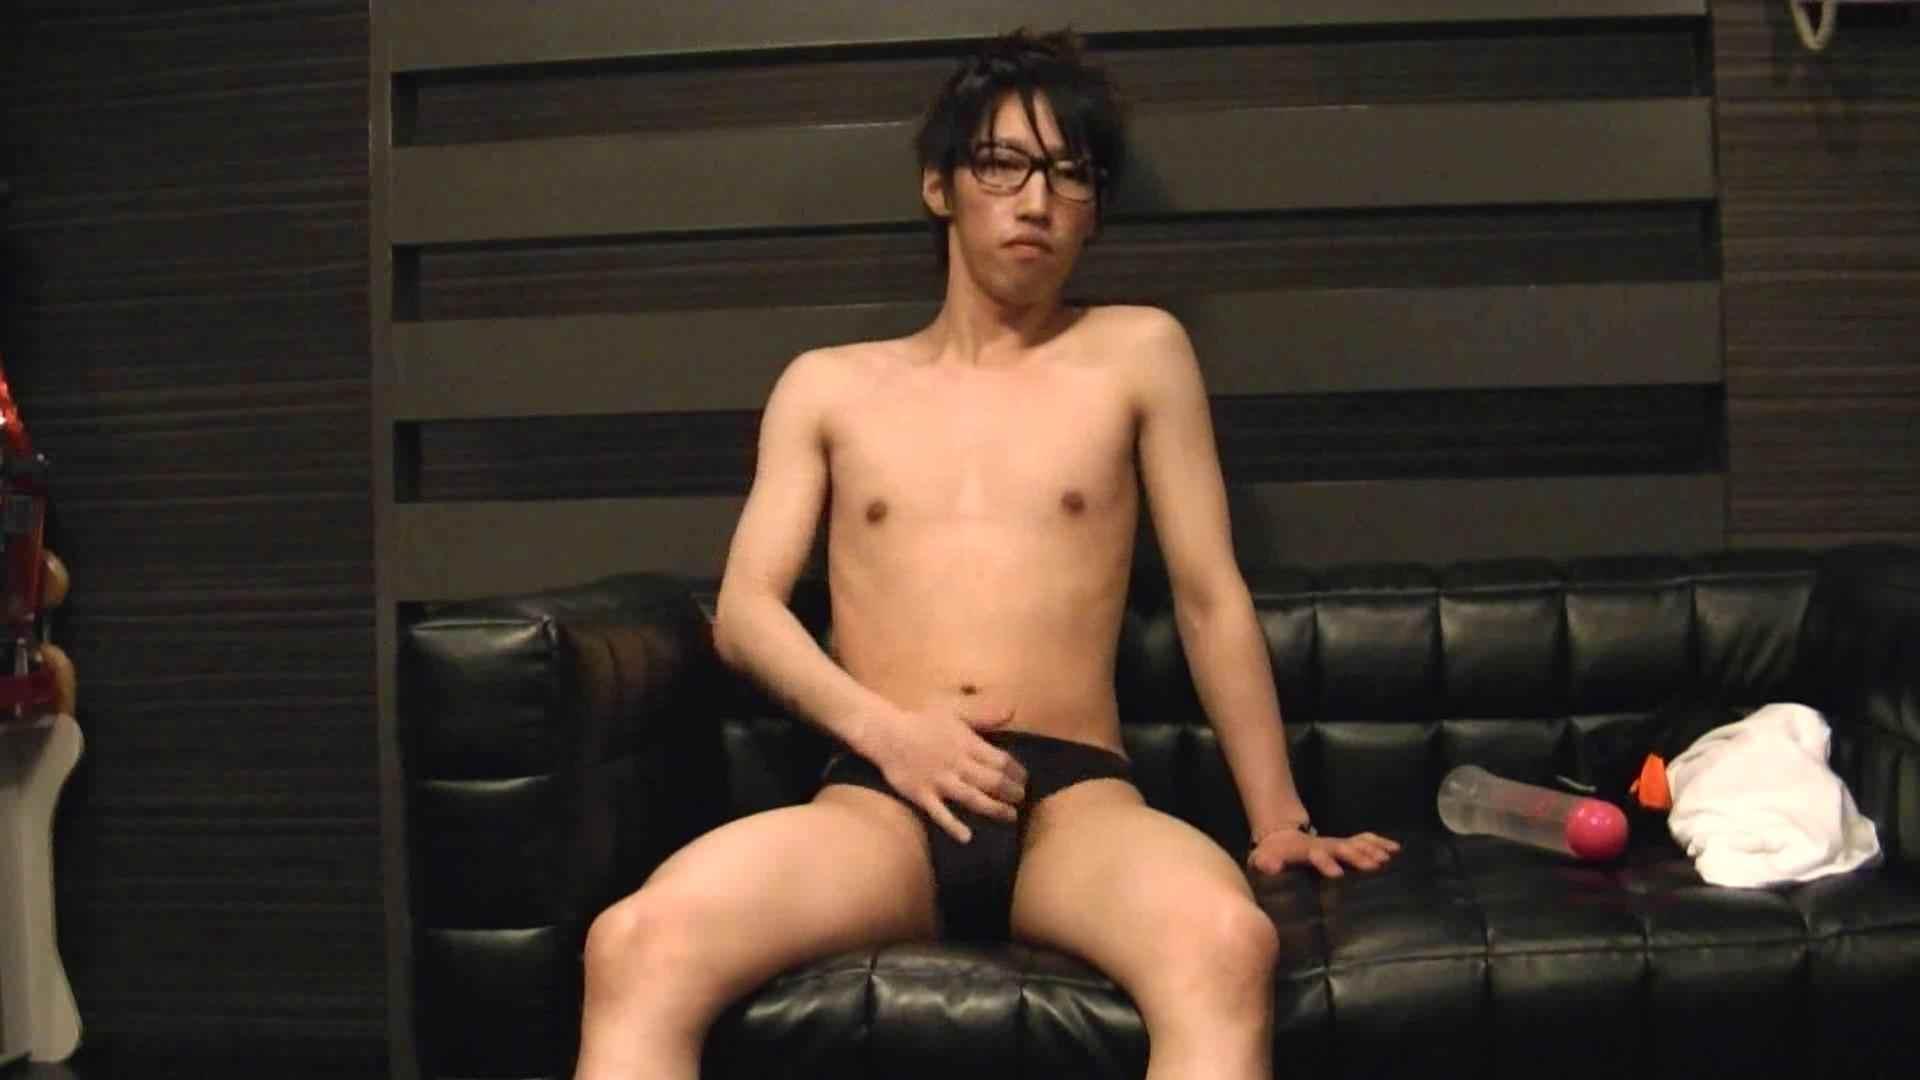 ONA見せカーニバル!! Vol3 男・男   モザイク無し ゲイ無料無修正画像 72pic 4